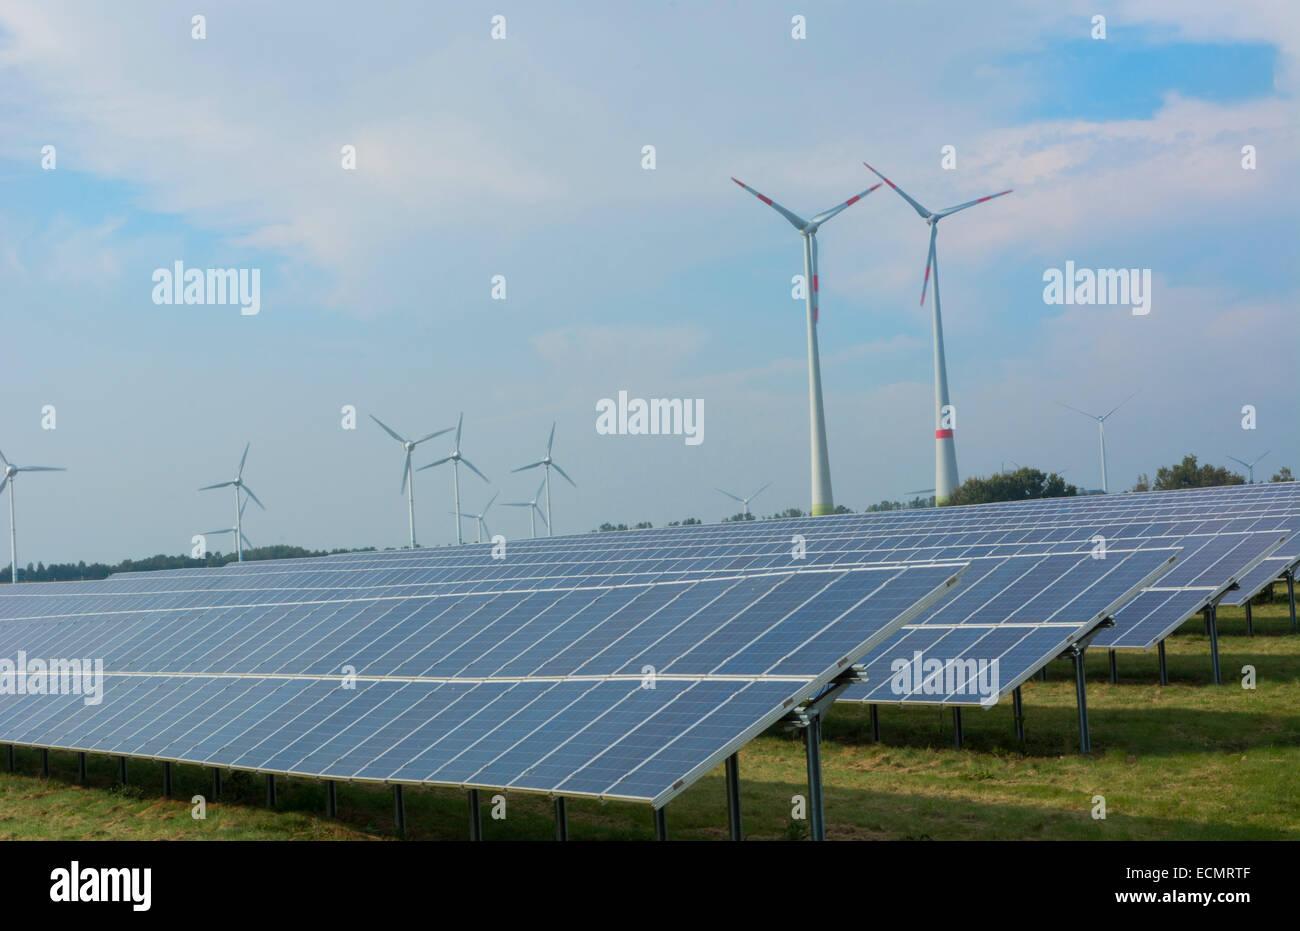 Alemania las turbinas de energía eólica y paneles solares ecología en campo verde cerca de Hamburgo Imagen De Stock